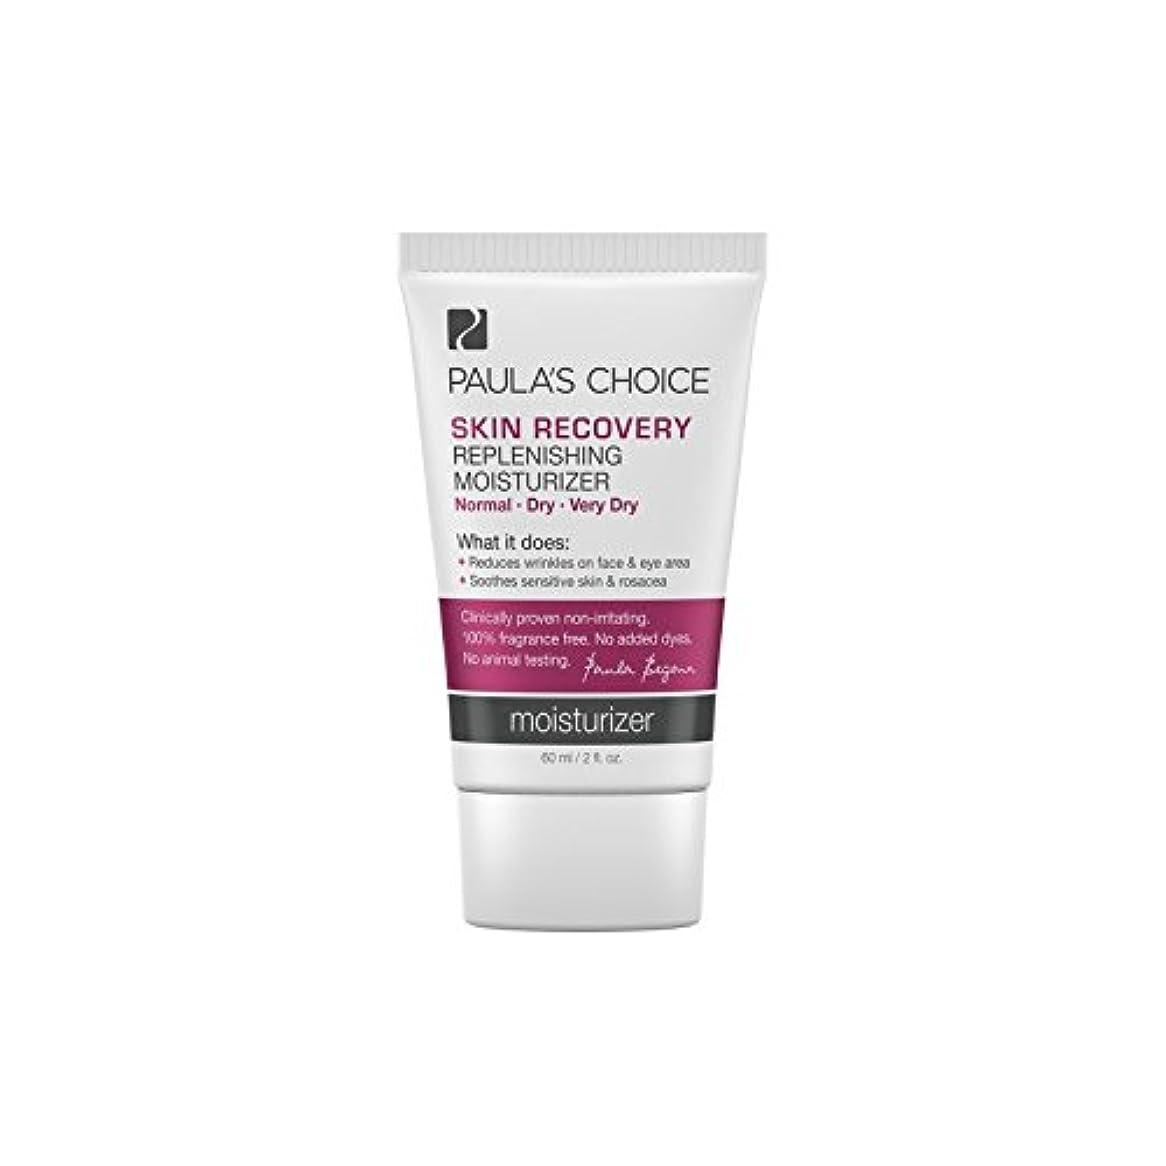 神経衰弱しばしば厳密にポーラチョイスの肌の回復補充保湿(60ミリリットル) x2 - Paula's Choice Skin Recovery Replenishing Moisturizer (60ml) (Pack of 2) [並行輸入品]